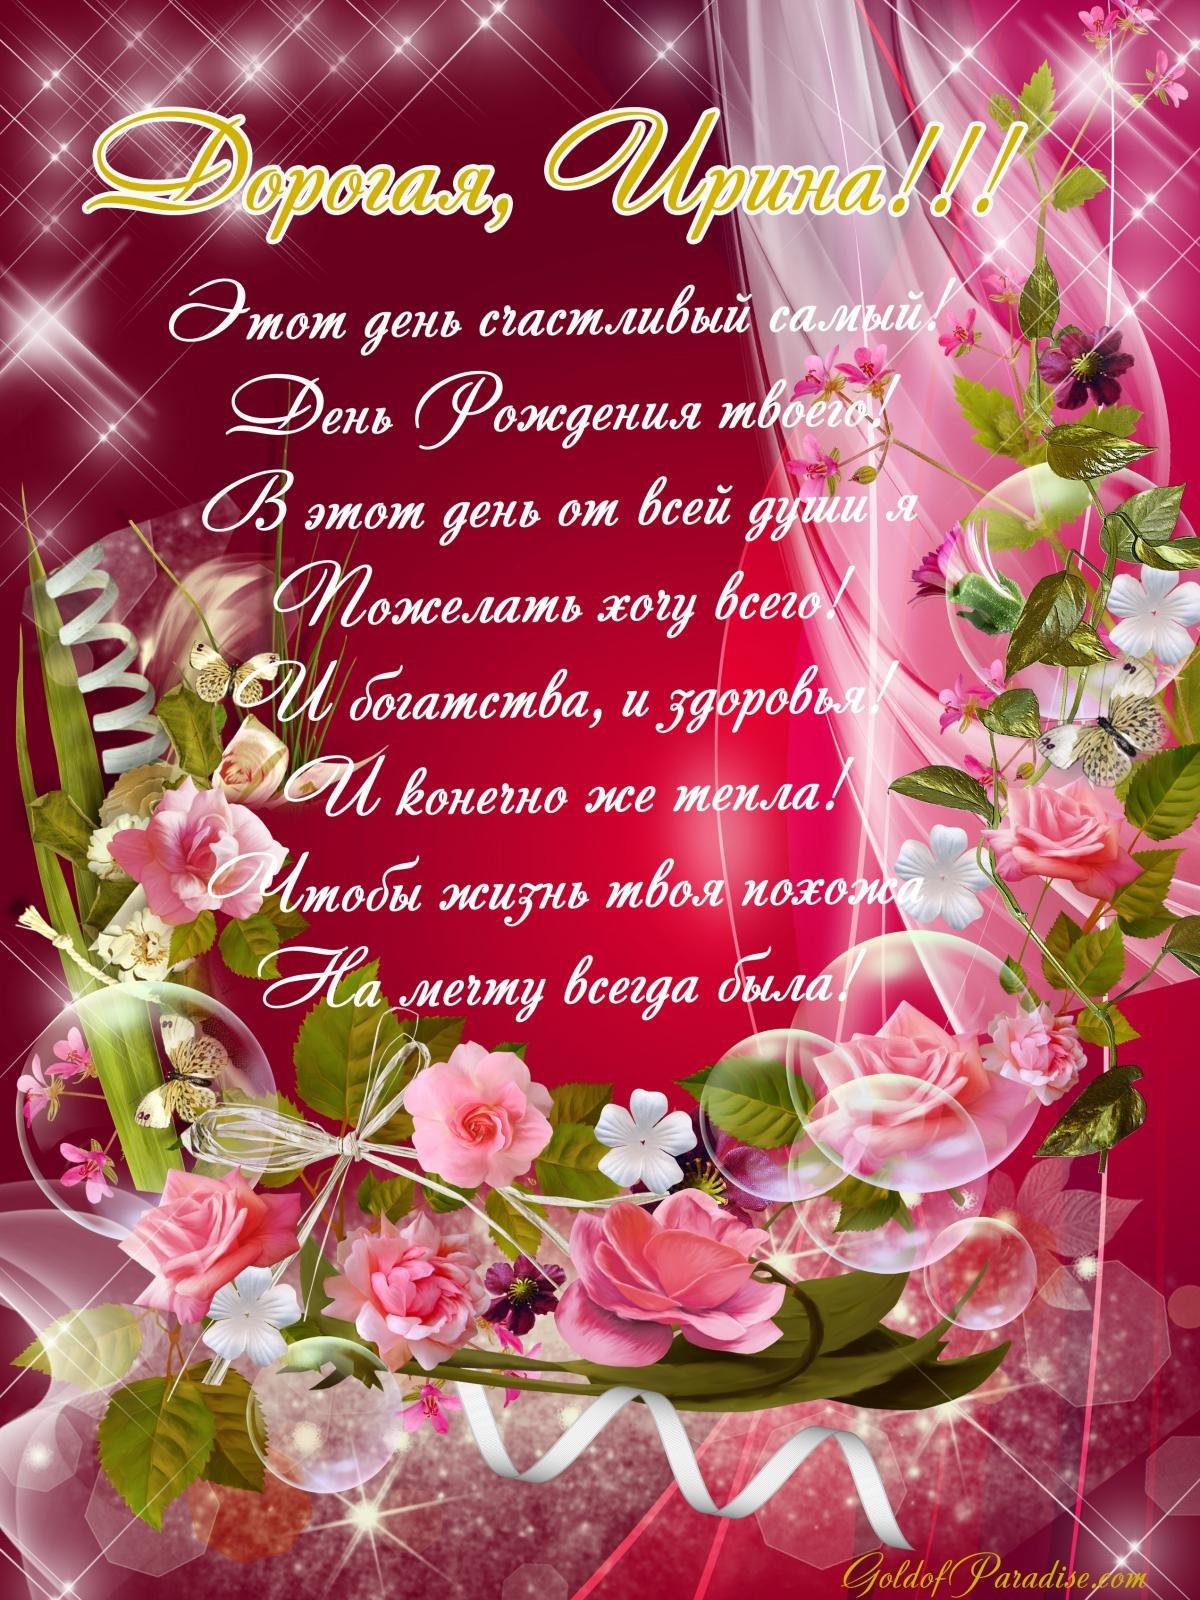 Поздравление летием, открытка с поздравлением с днем рождения ирина